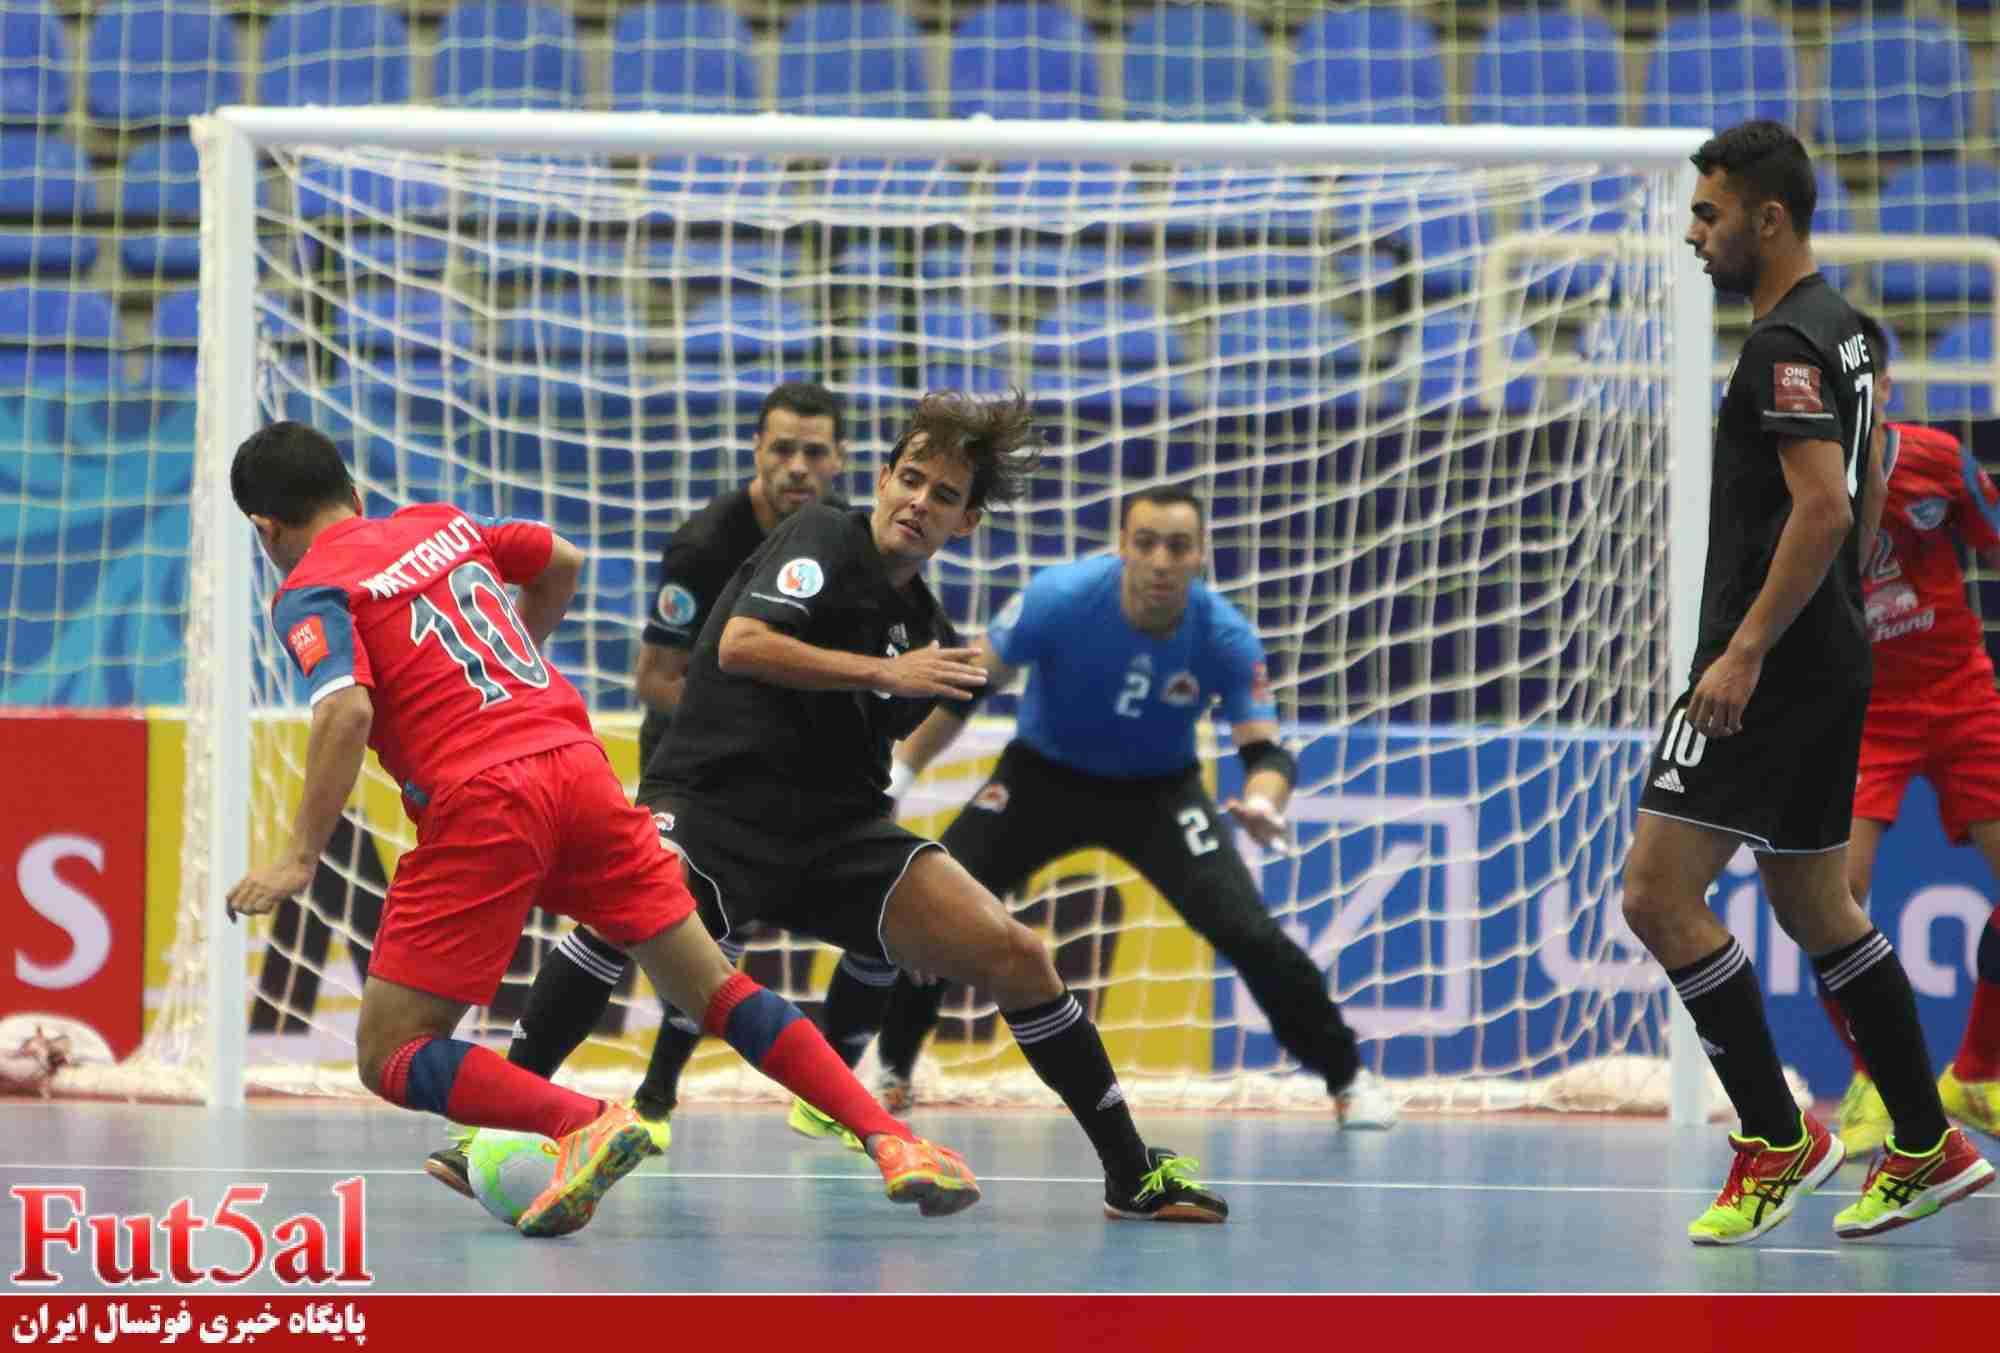 کنار رفتن سومین ایرانی از جام/کامپانا بهترین بازیکن جدال تای سون نام با الریان